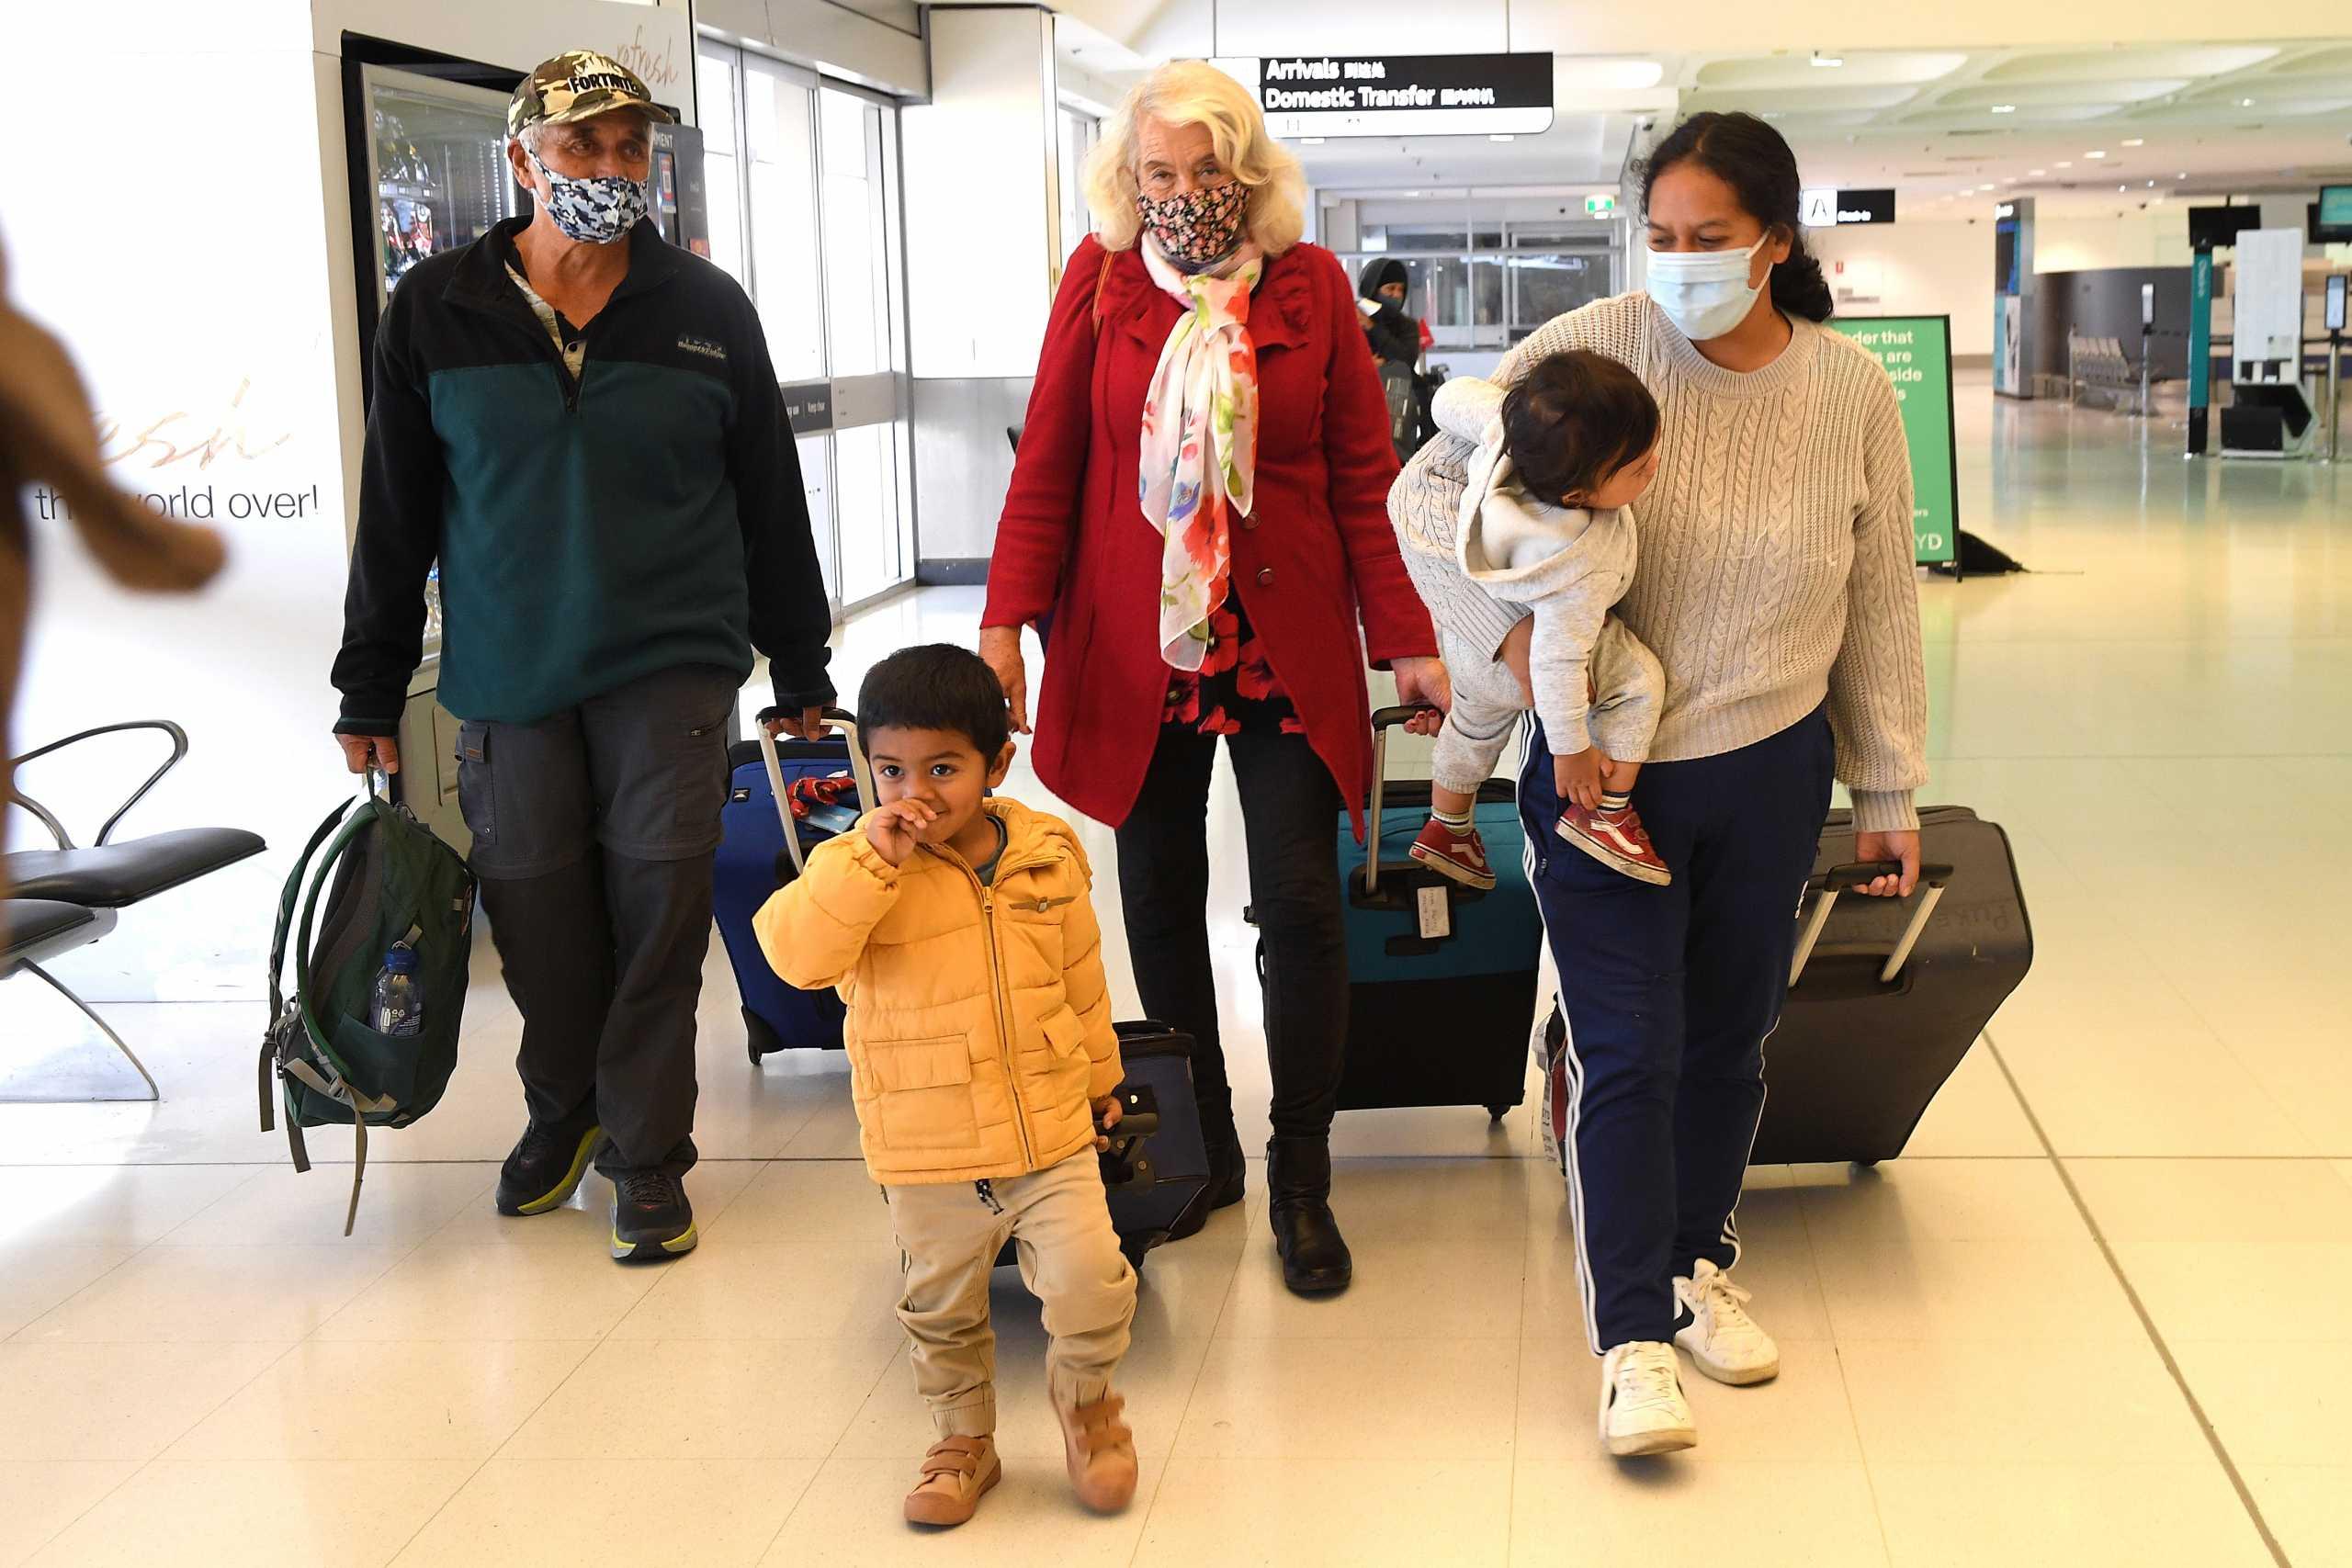 Συναγερμός σε Αυστραλία και Νέα Ζηλανδία: Εντοπίστηκε κρούσμα κορονοϊού σε πτήση που επέστρεψε στο Σίδνεϊ